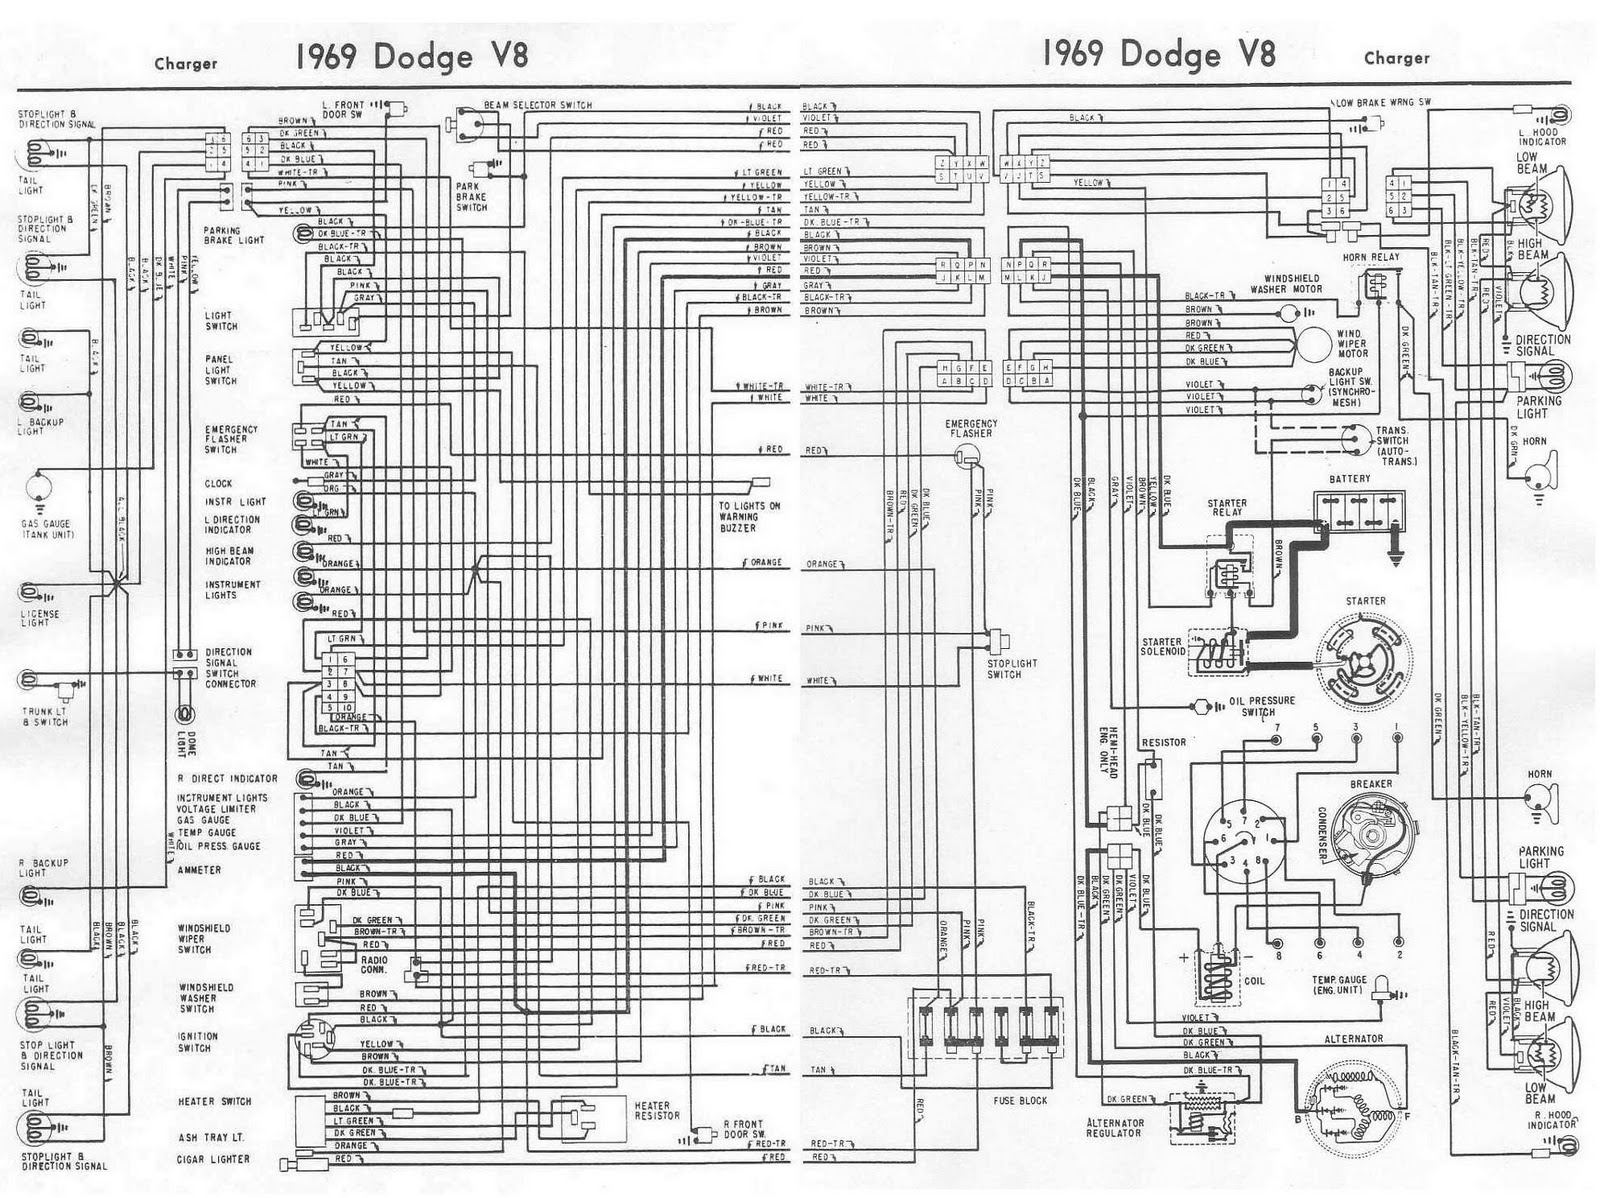 69 mustang coil wiring diagram dolgular 69 mustang coil wiring diagram dolgular sciox Images